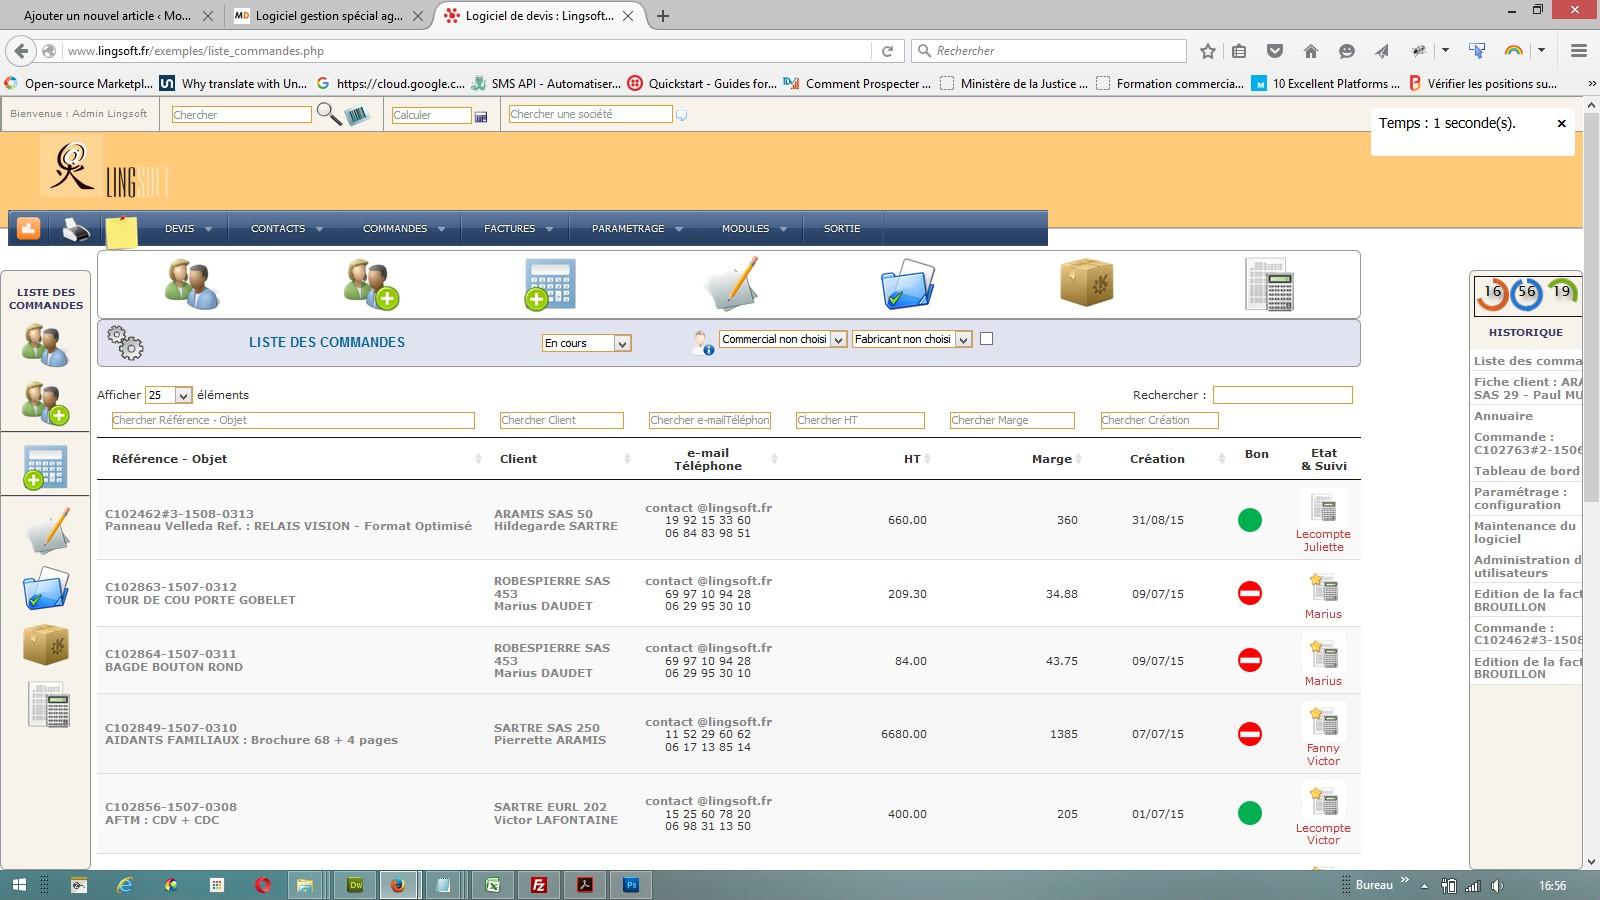 interface de gestion des commandes